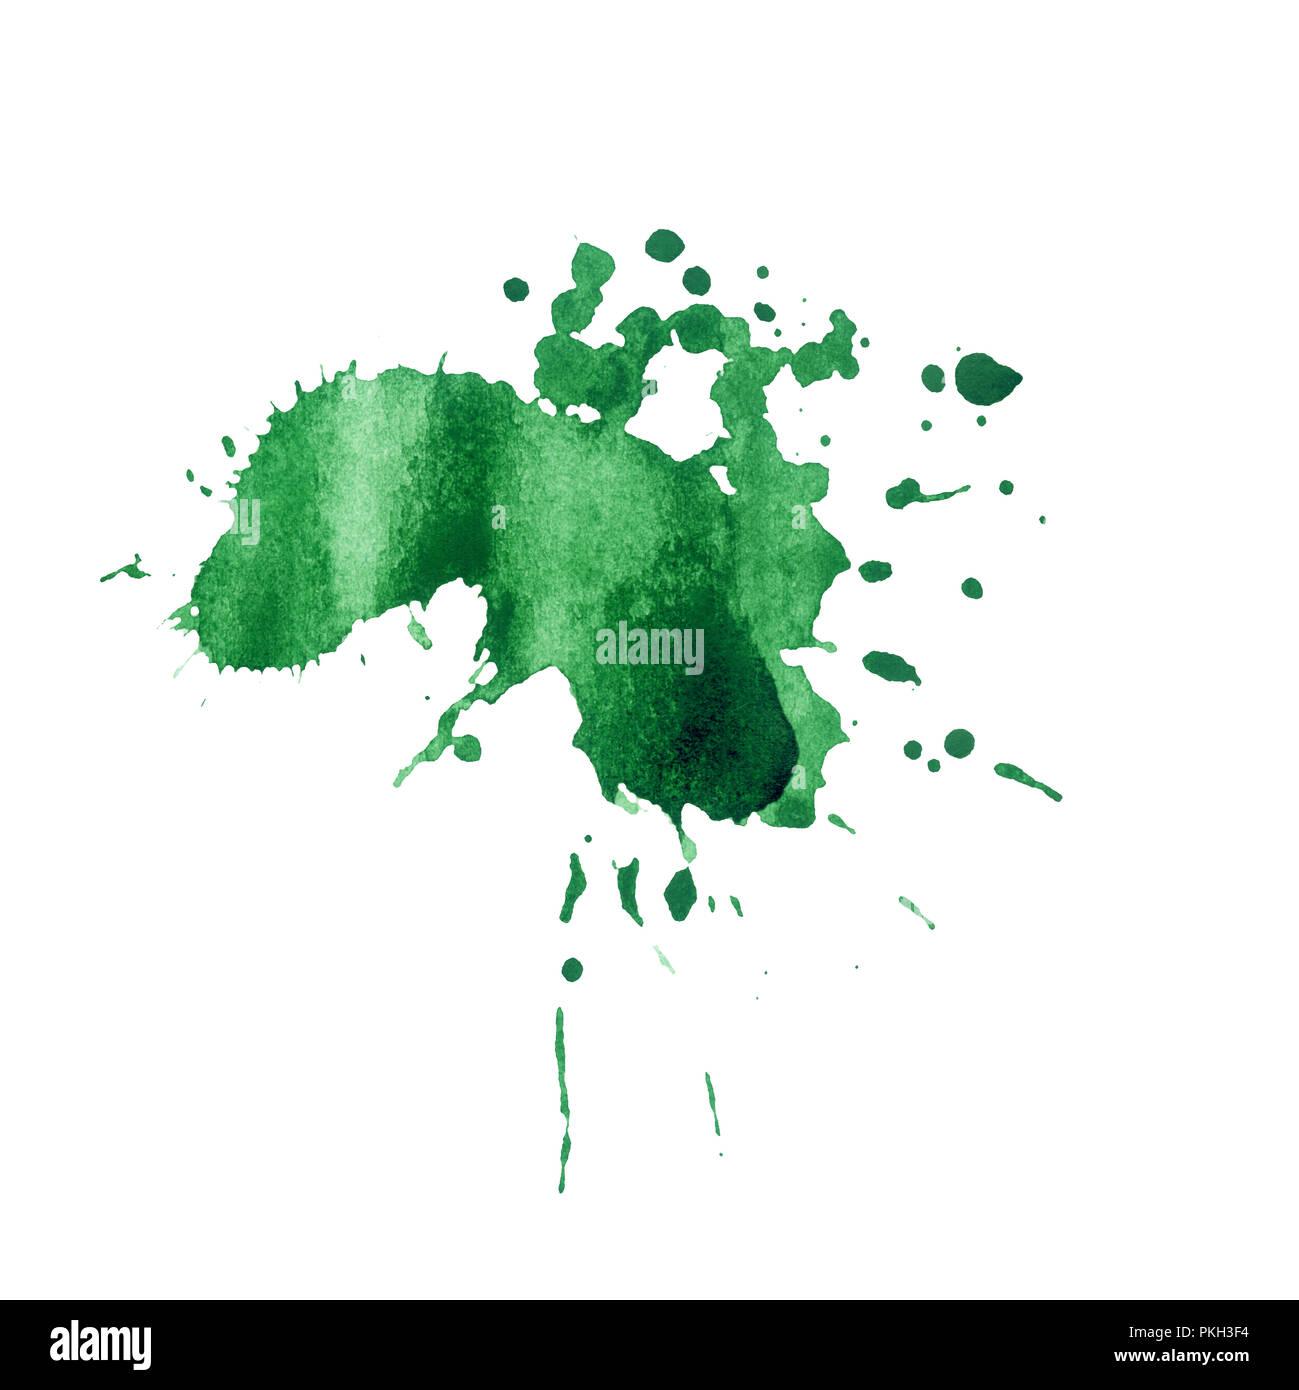 Vernice verde acquerello splash texture. Mano inkblot disegnato su carta. Green spot a secco su sfondo bianco. Spruzzi di inchiostro. Informe goccia di vernice elemento di design. Isolate il blob di inchiostro raster Immagini Stock